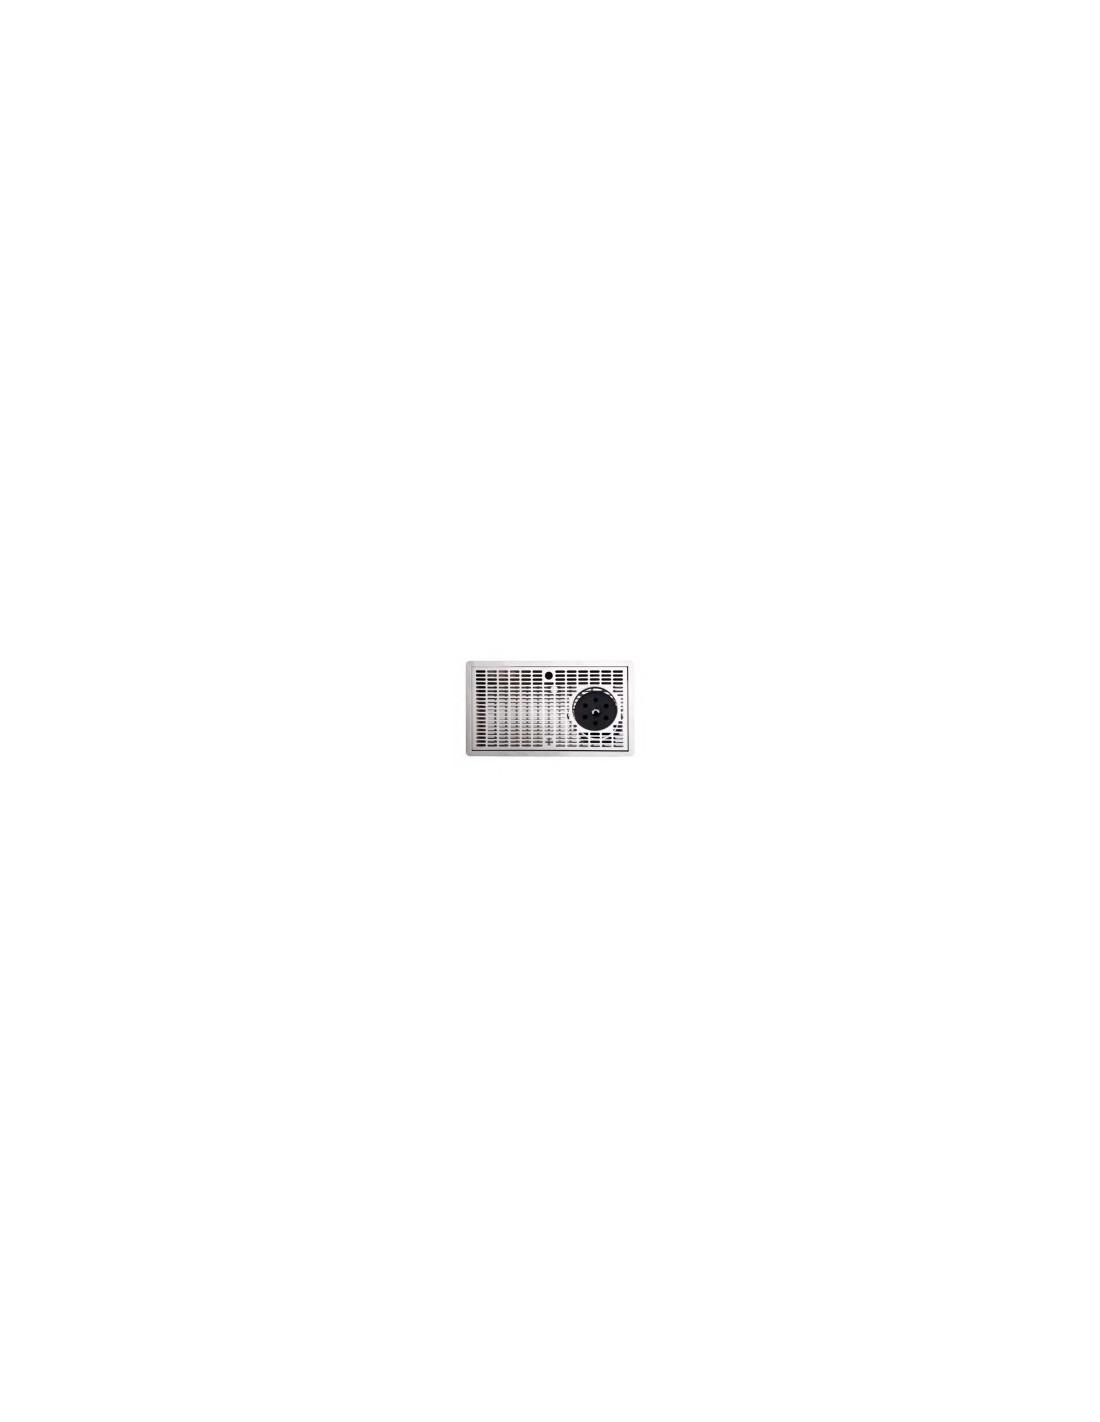 VYR02227 - Spillbricka rostfritt stål 400x220x30 mm med glastvätt